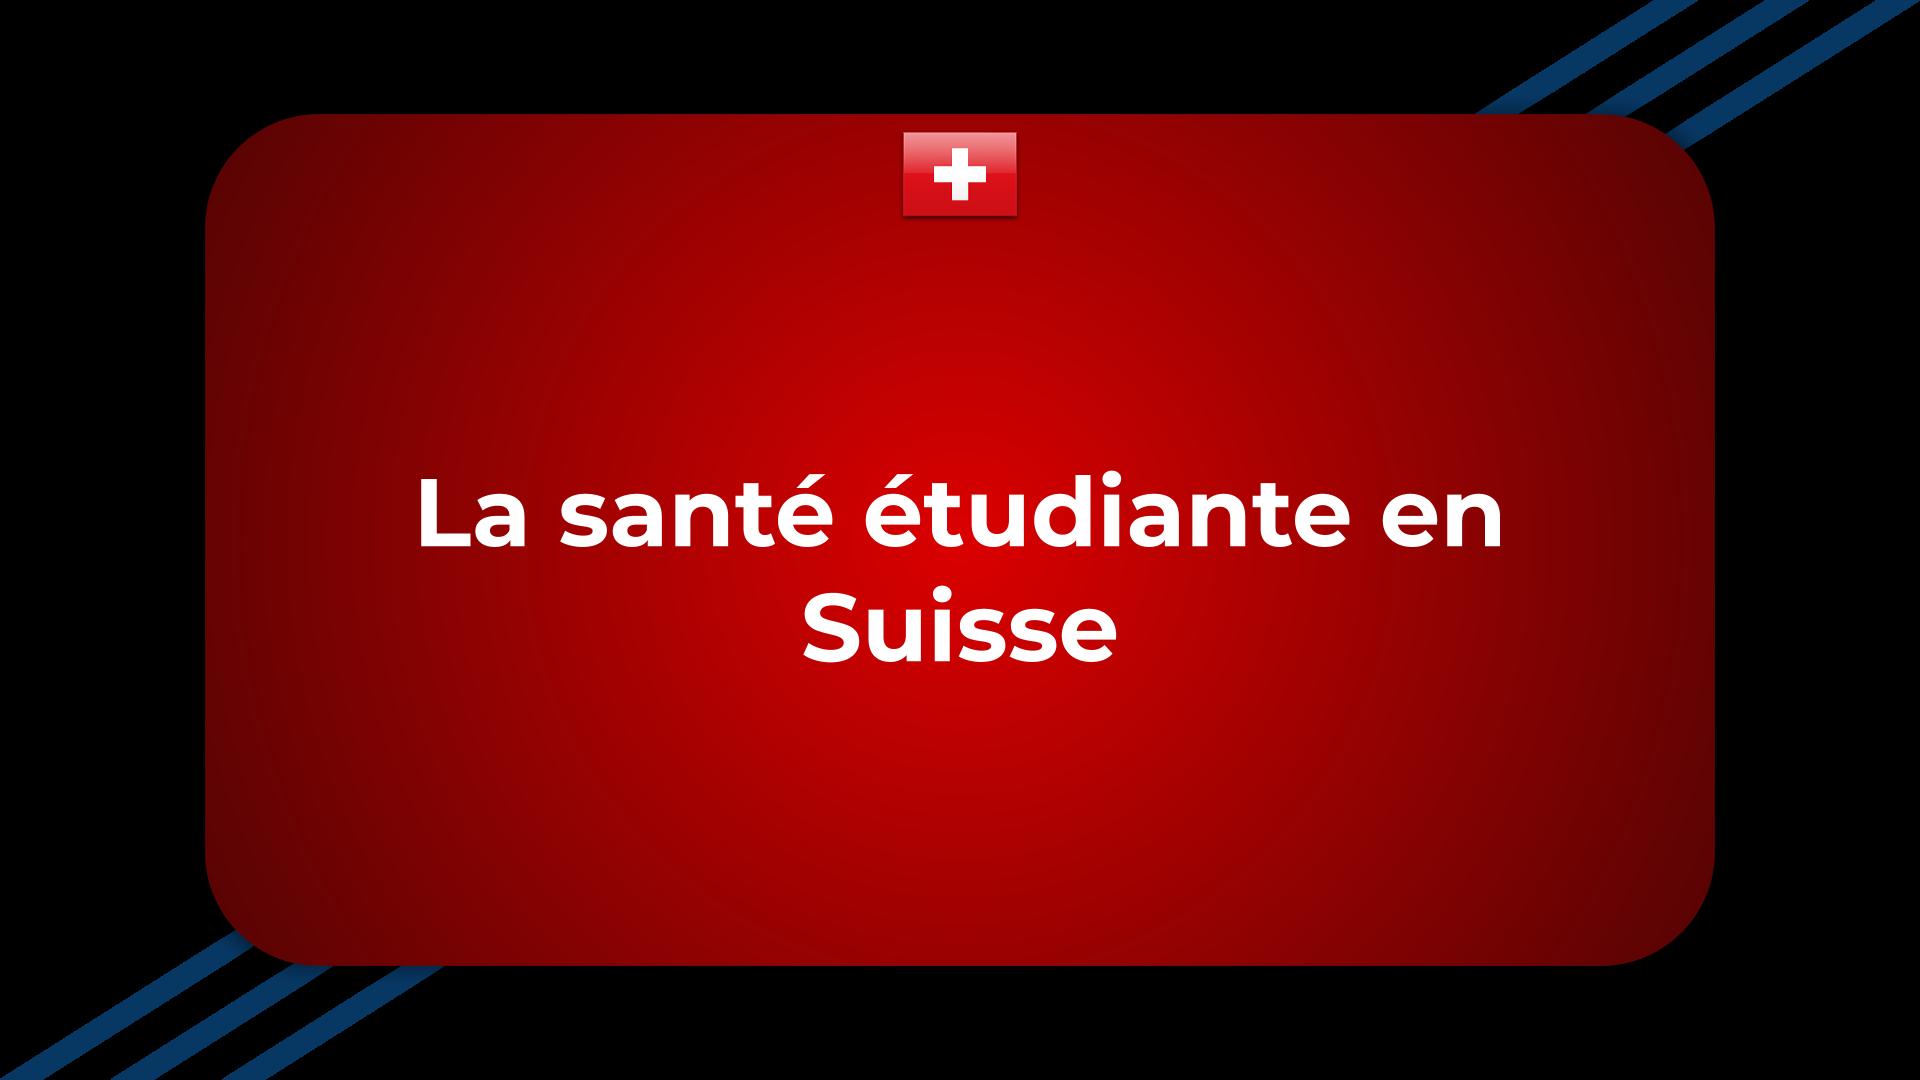 La santé étudiante en Suisse